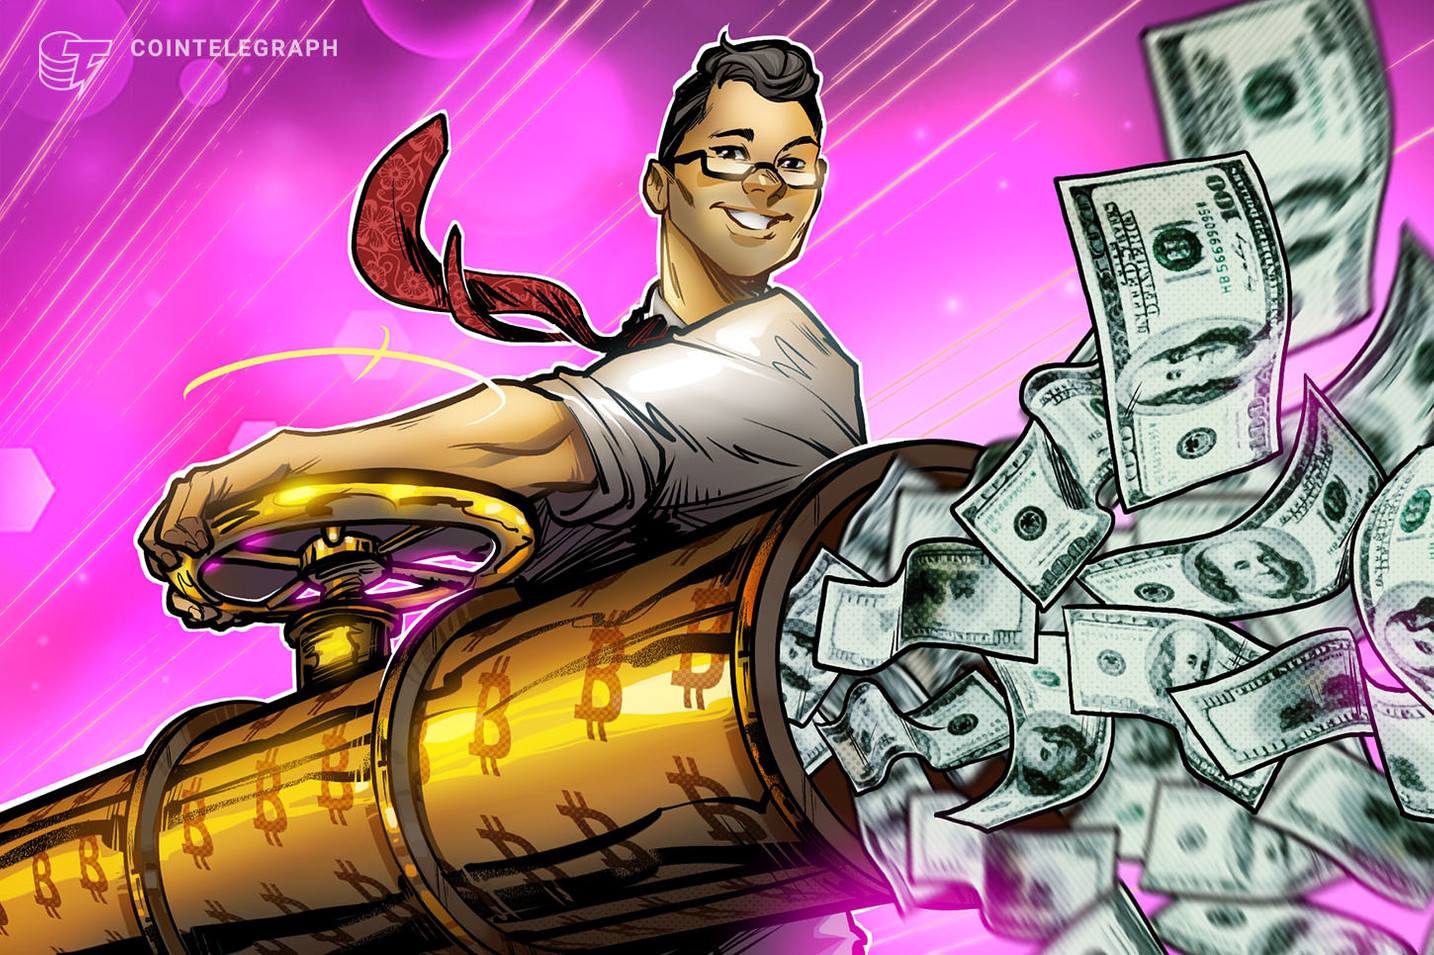 La Chine est pumpsortir de l'argent des États-Unis avec Bitcoin